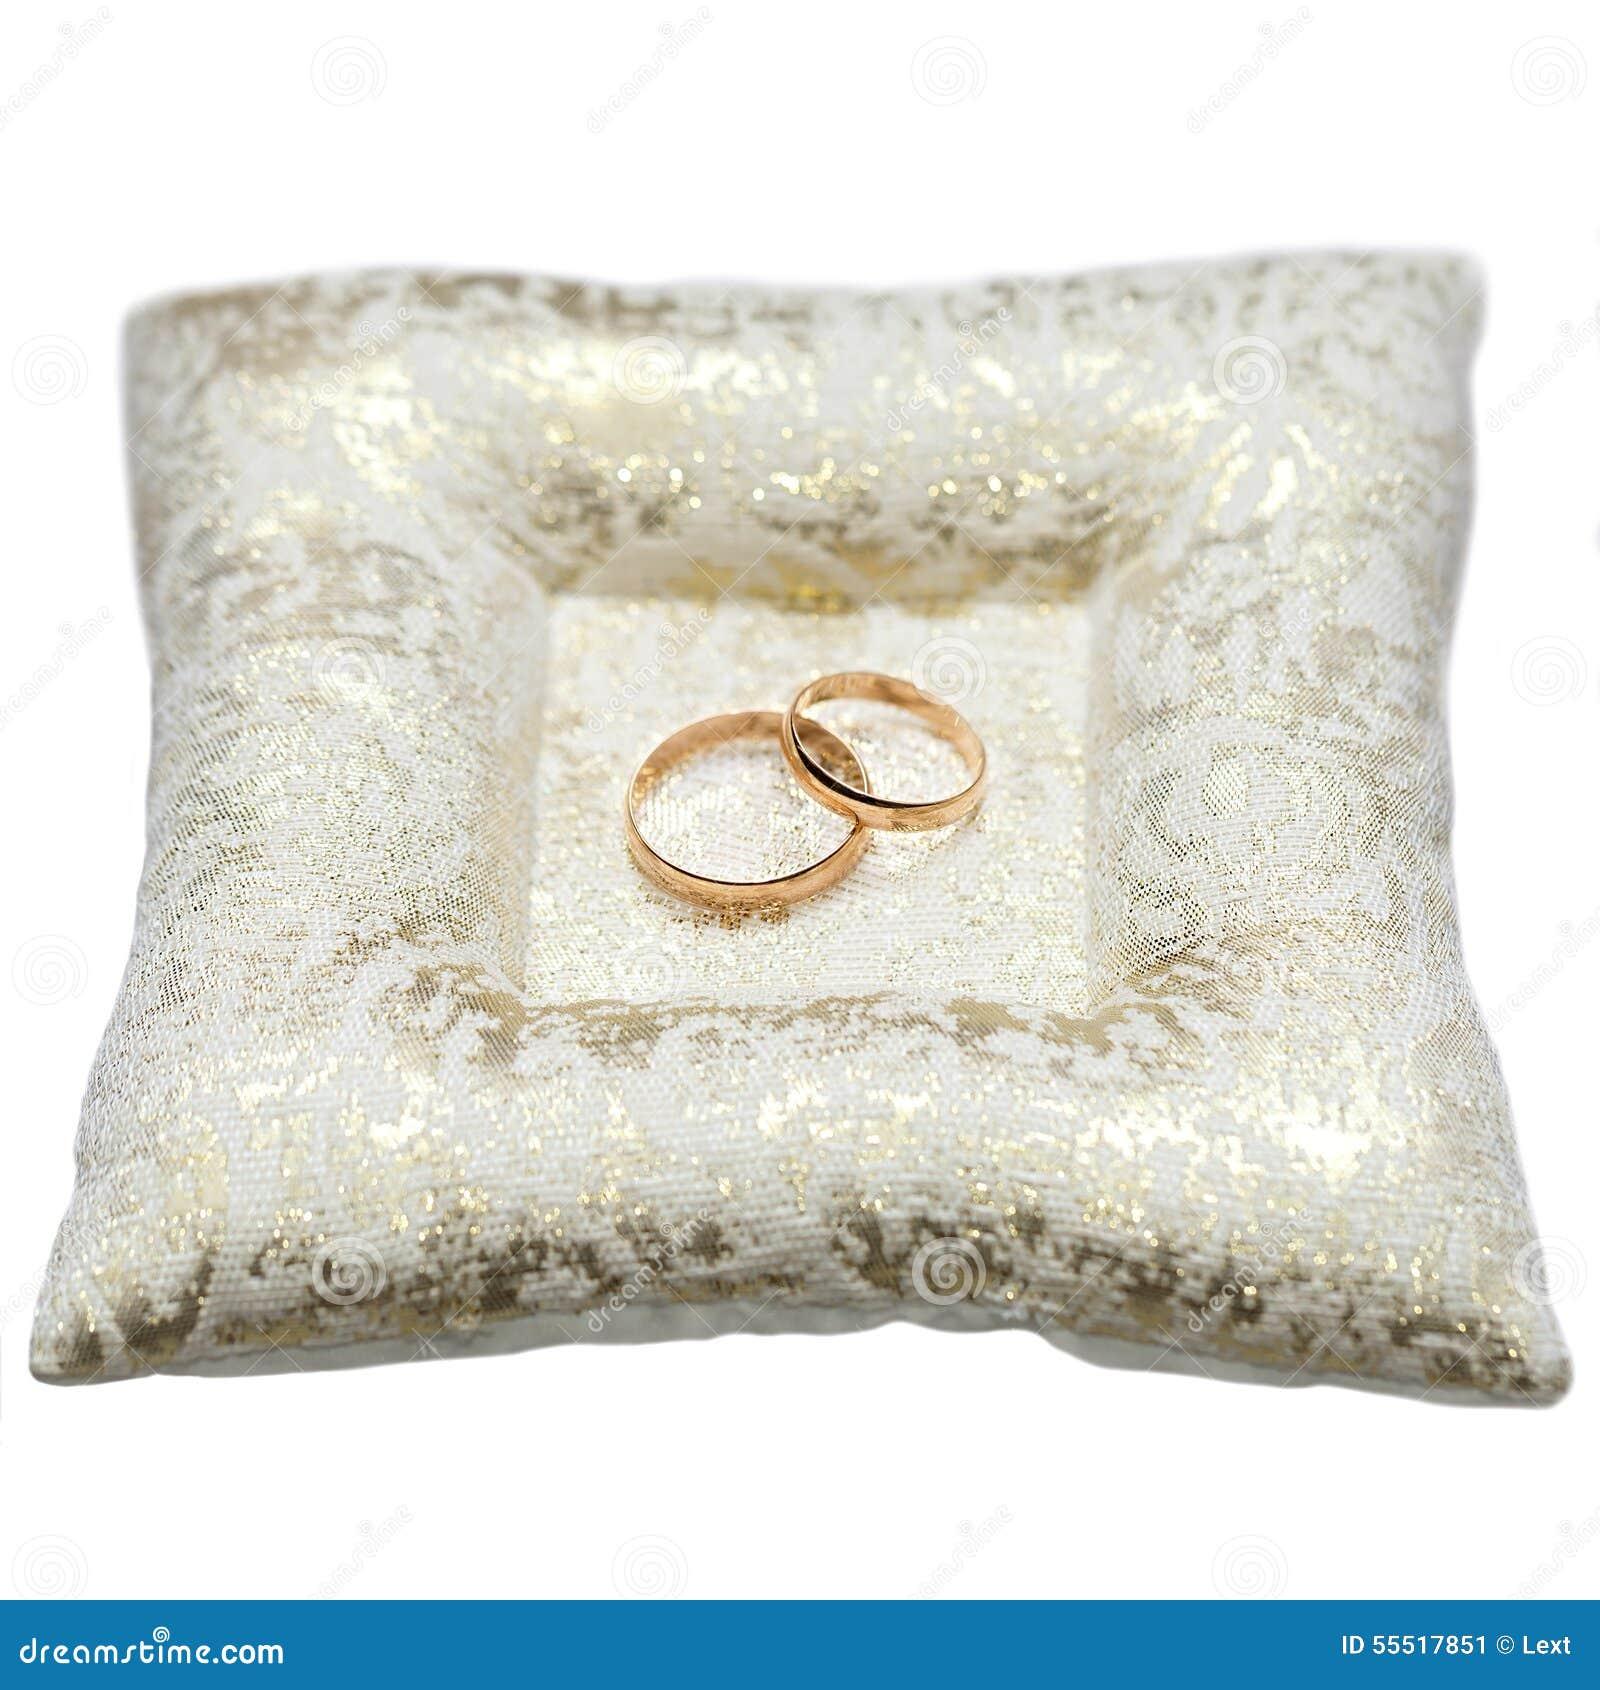 hochzeitsgoldringe braut und br utigam auf dekorativem kissen stockfoto bild 55517851. Black Bedroom Furniture Sets. Home Design Ideas